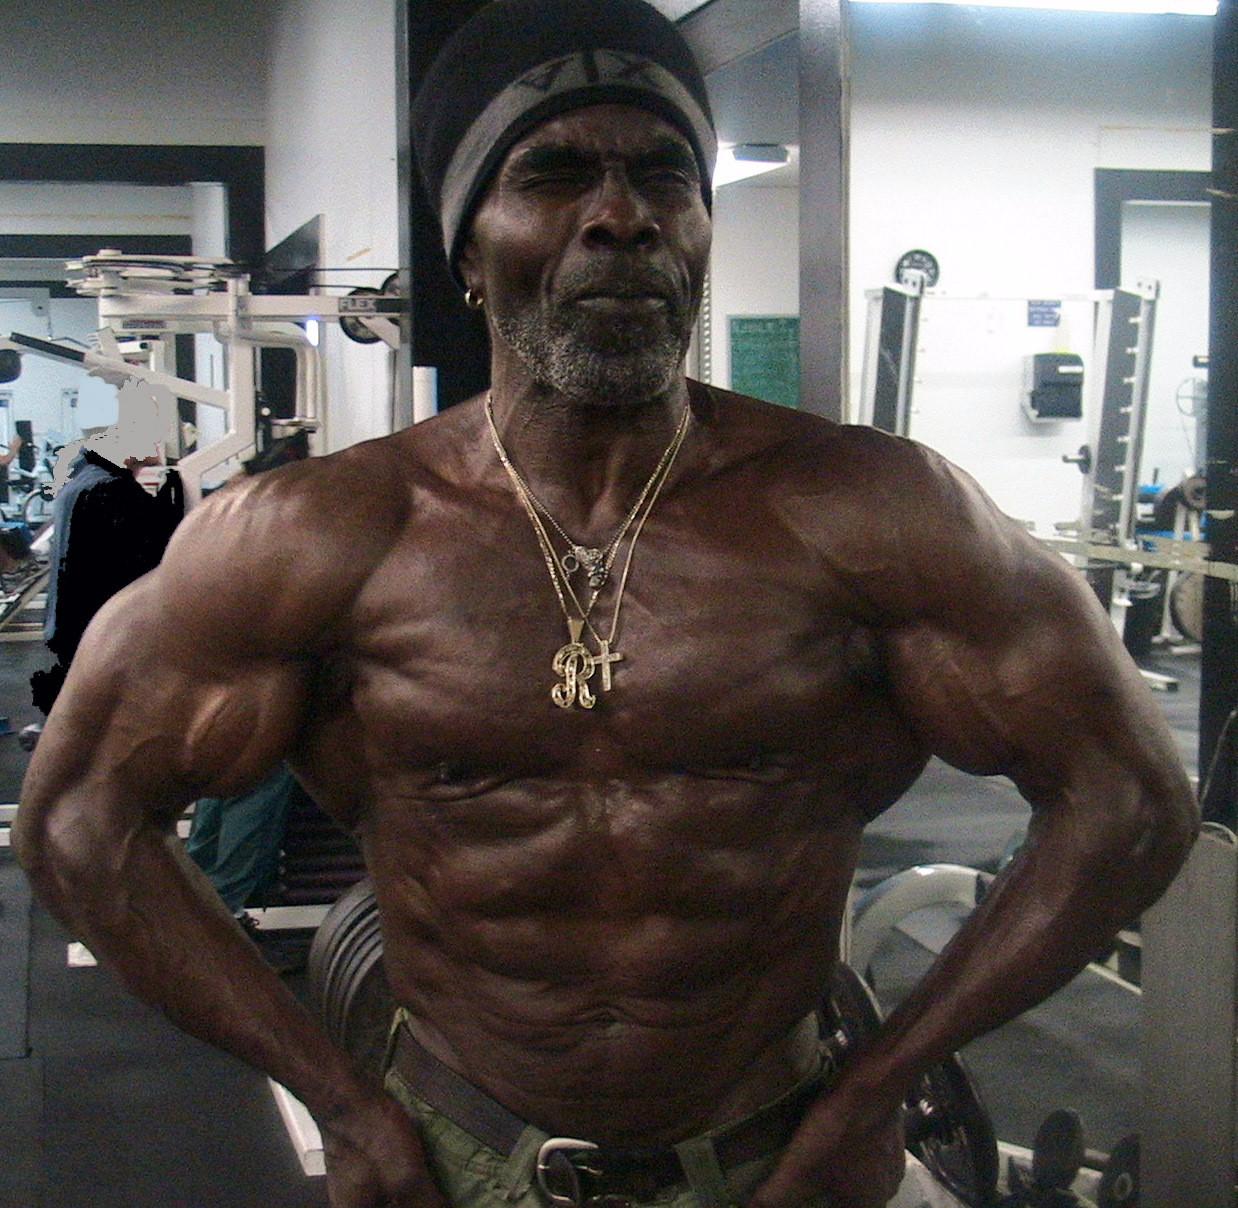 07. Робби Робинсон (на фото 64 года). бодибилдинг, жизнь, спорт, старость